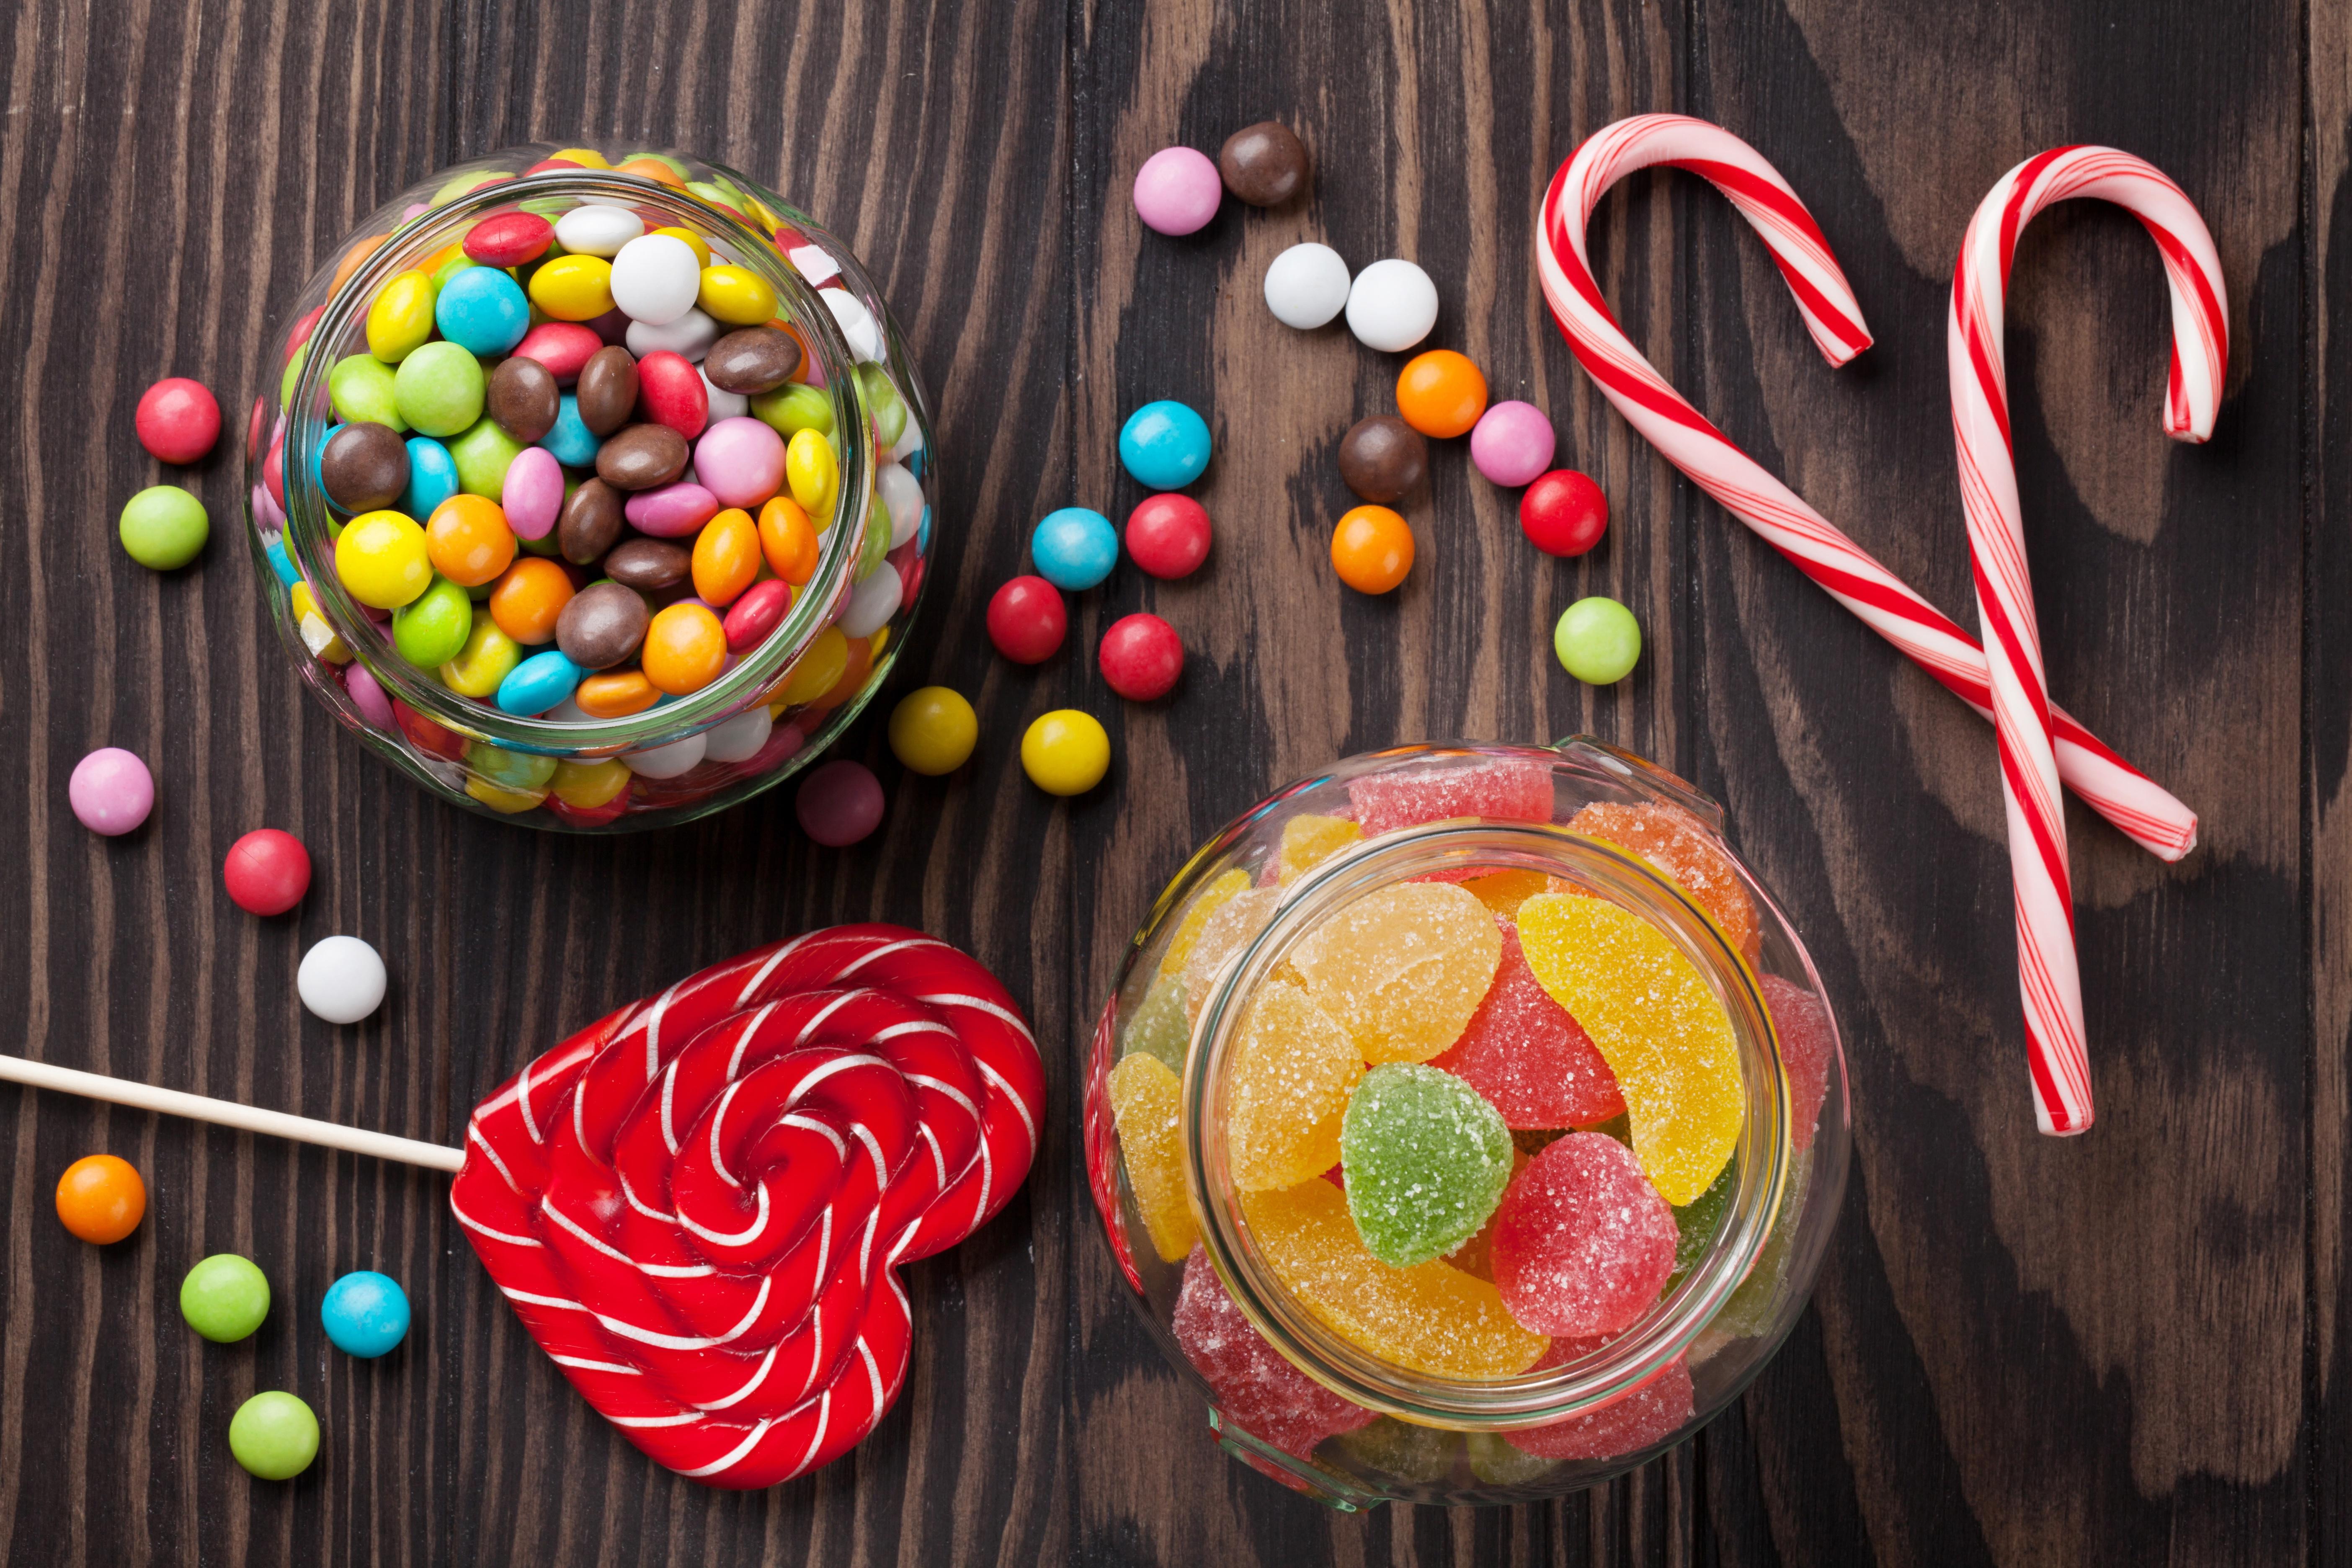 картинки конфет леденец необходимо указать